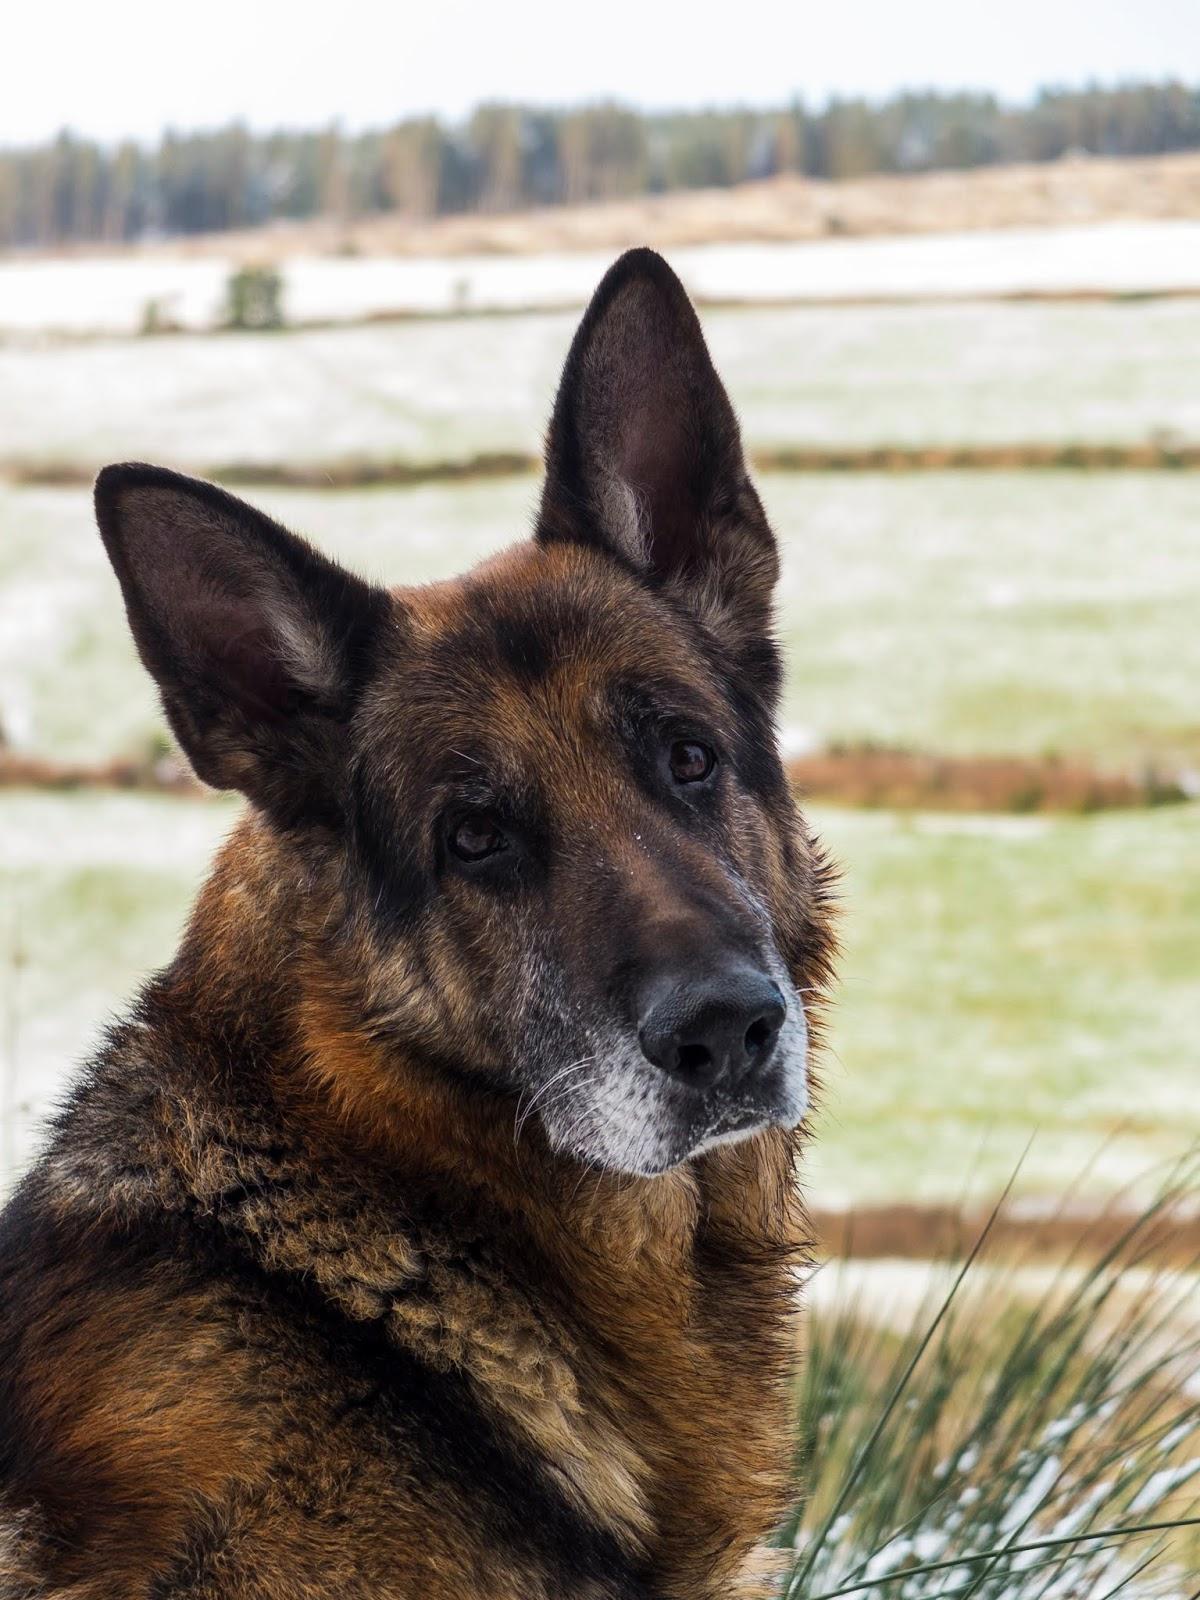 A portrait of a German Shepherd Steve sitting on a snowy hillside.